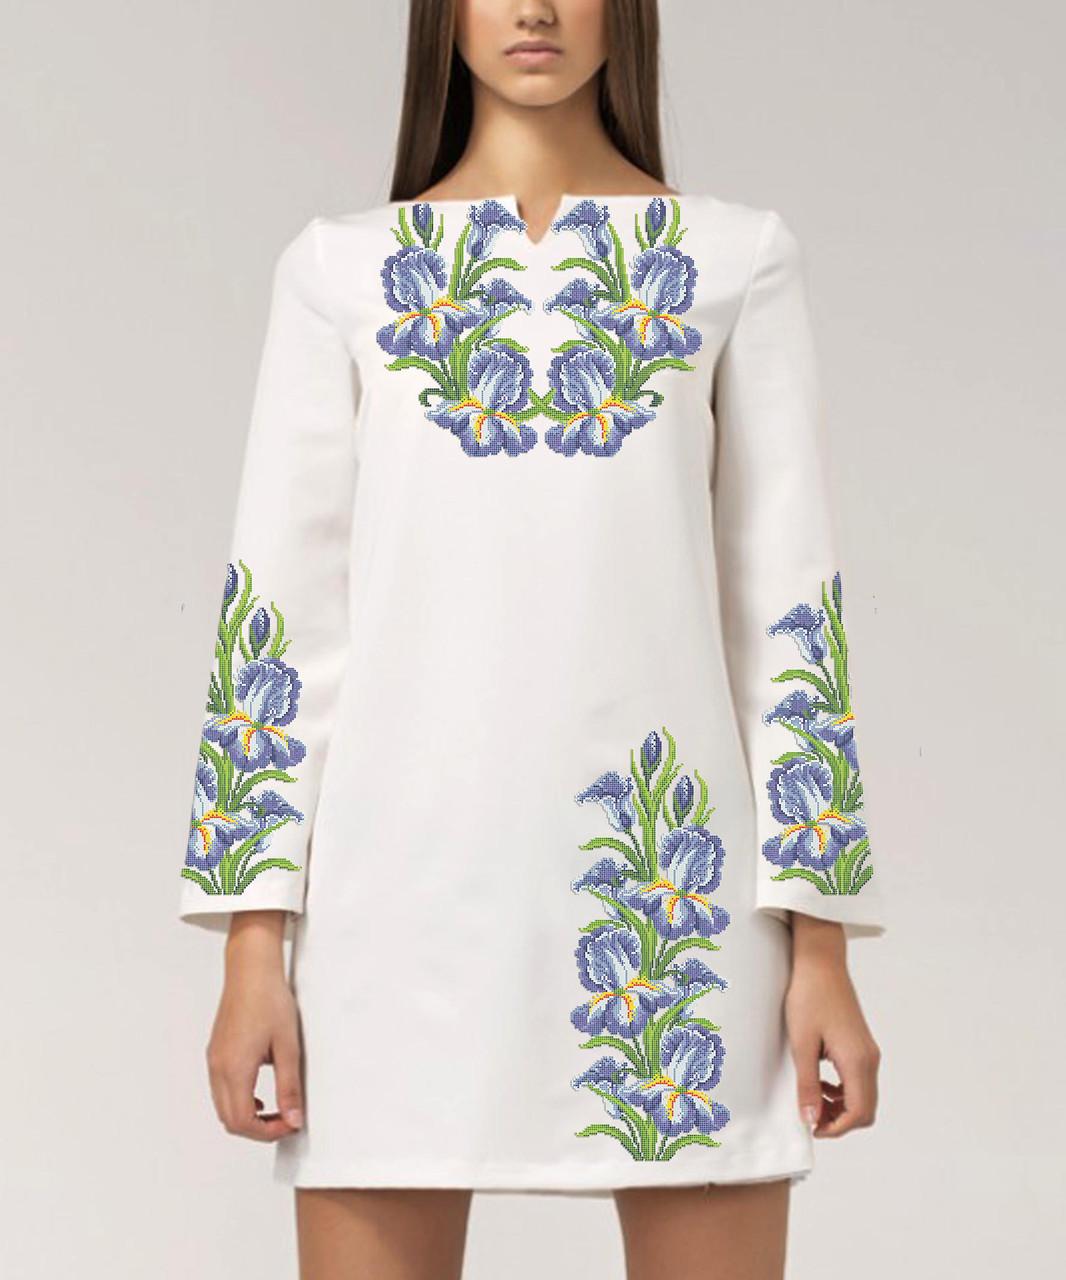 Заготовка жіночого плаття чи сукні для вишивки та вишивання бісером Бисерок  «Іриси 03» (П-03 ГБ) Габардин